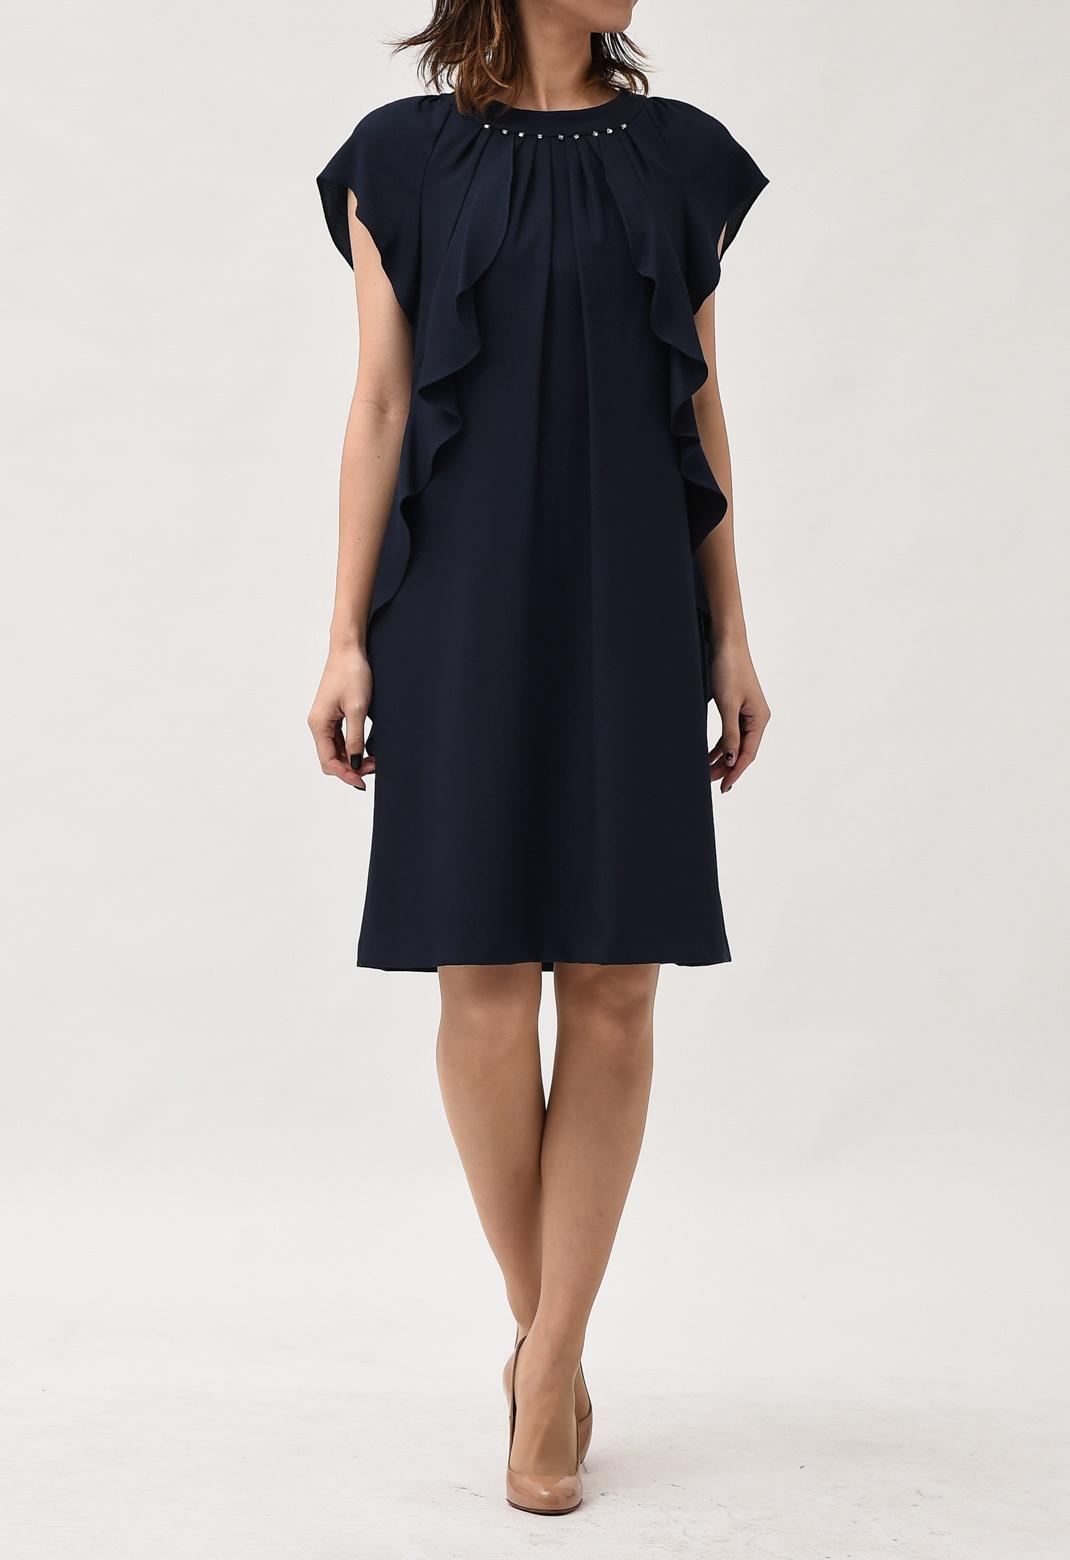 ネックビーズ刺繍 サイドフリル 半袖ドレス M